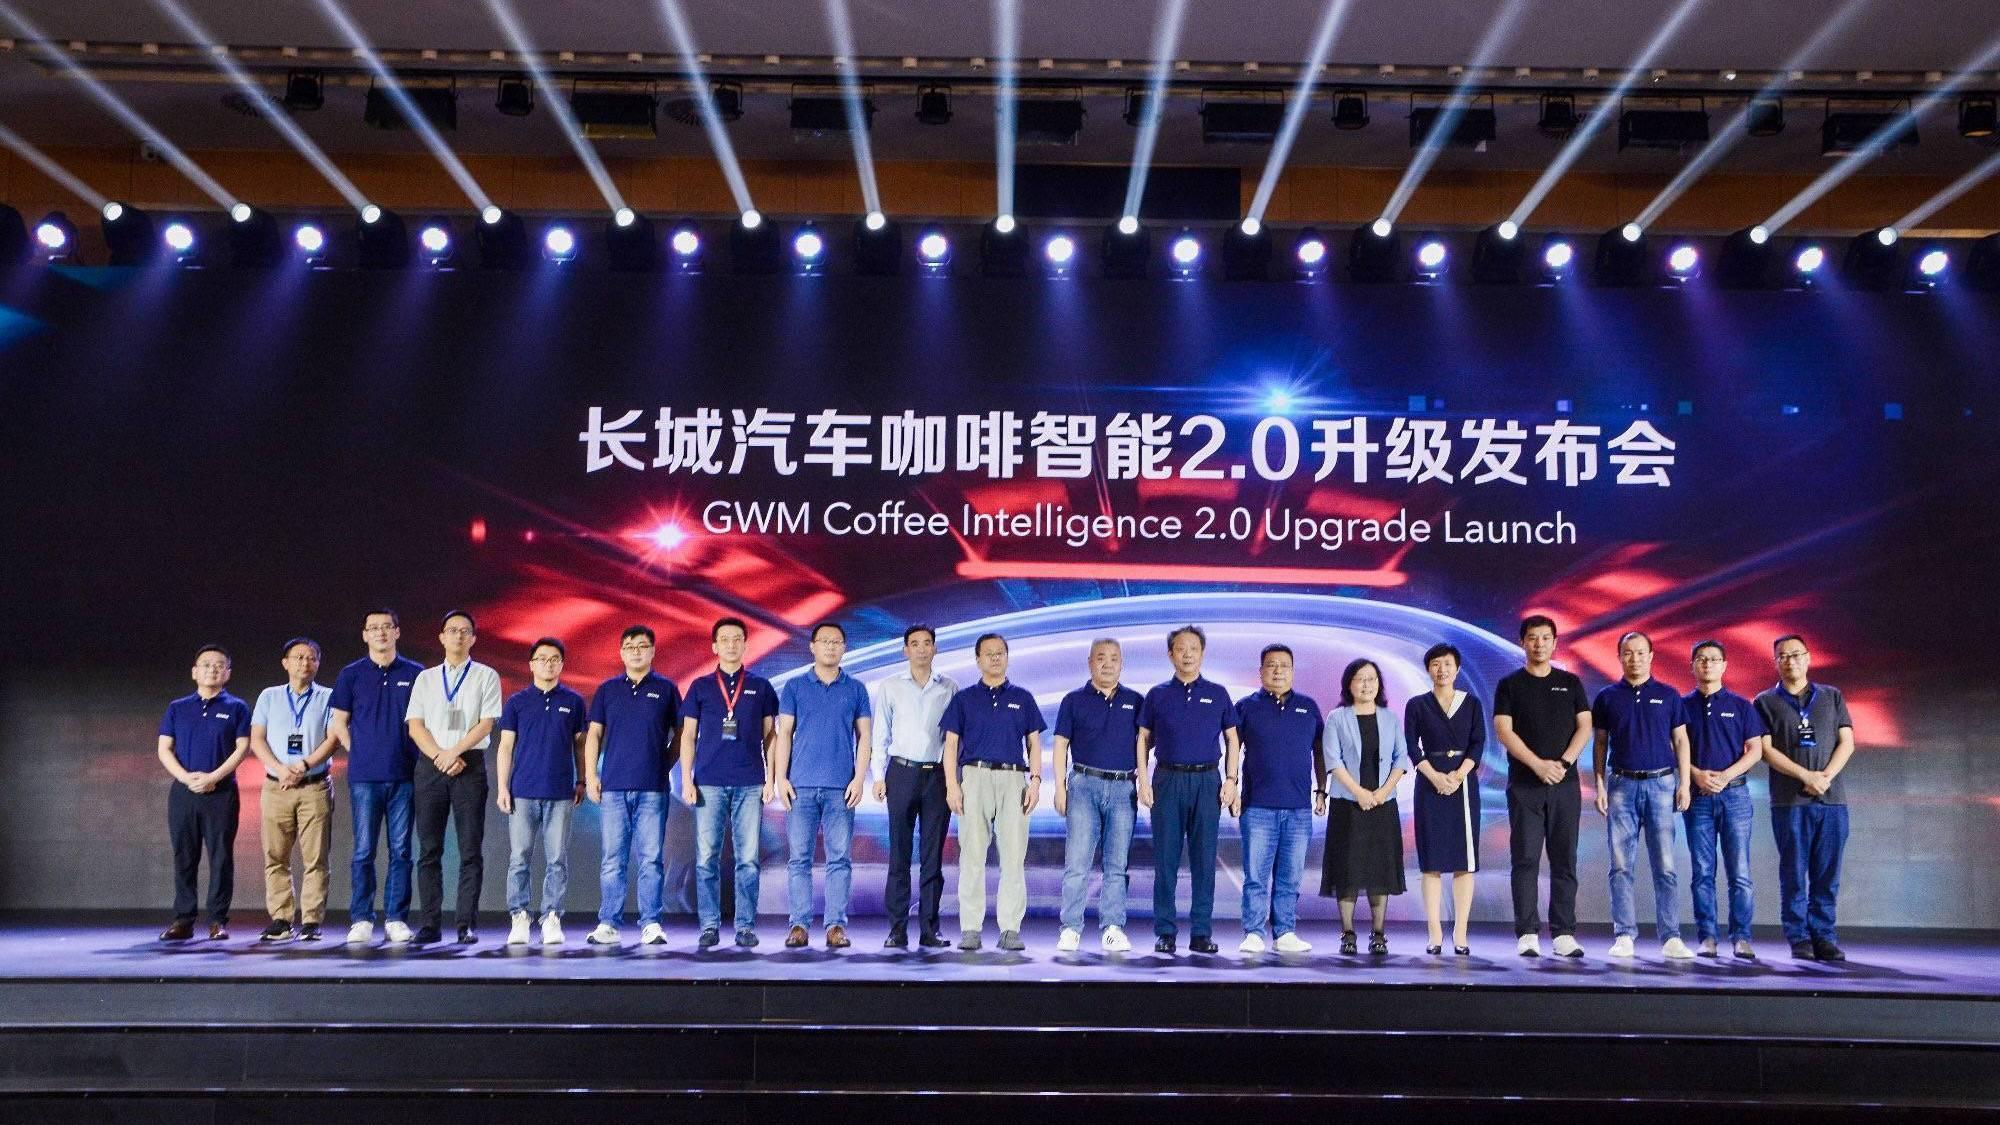 从感知智能步入认知智能时代,长城汽车咖啡智能2.0正式升级发布